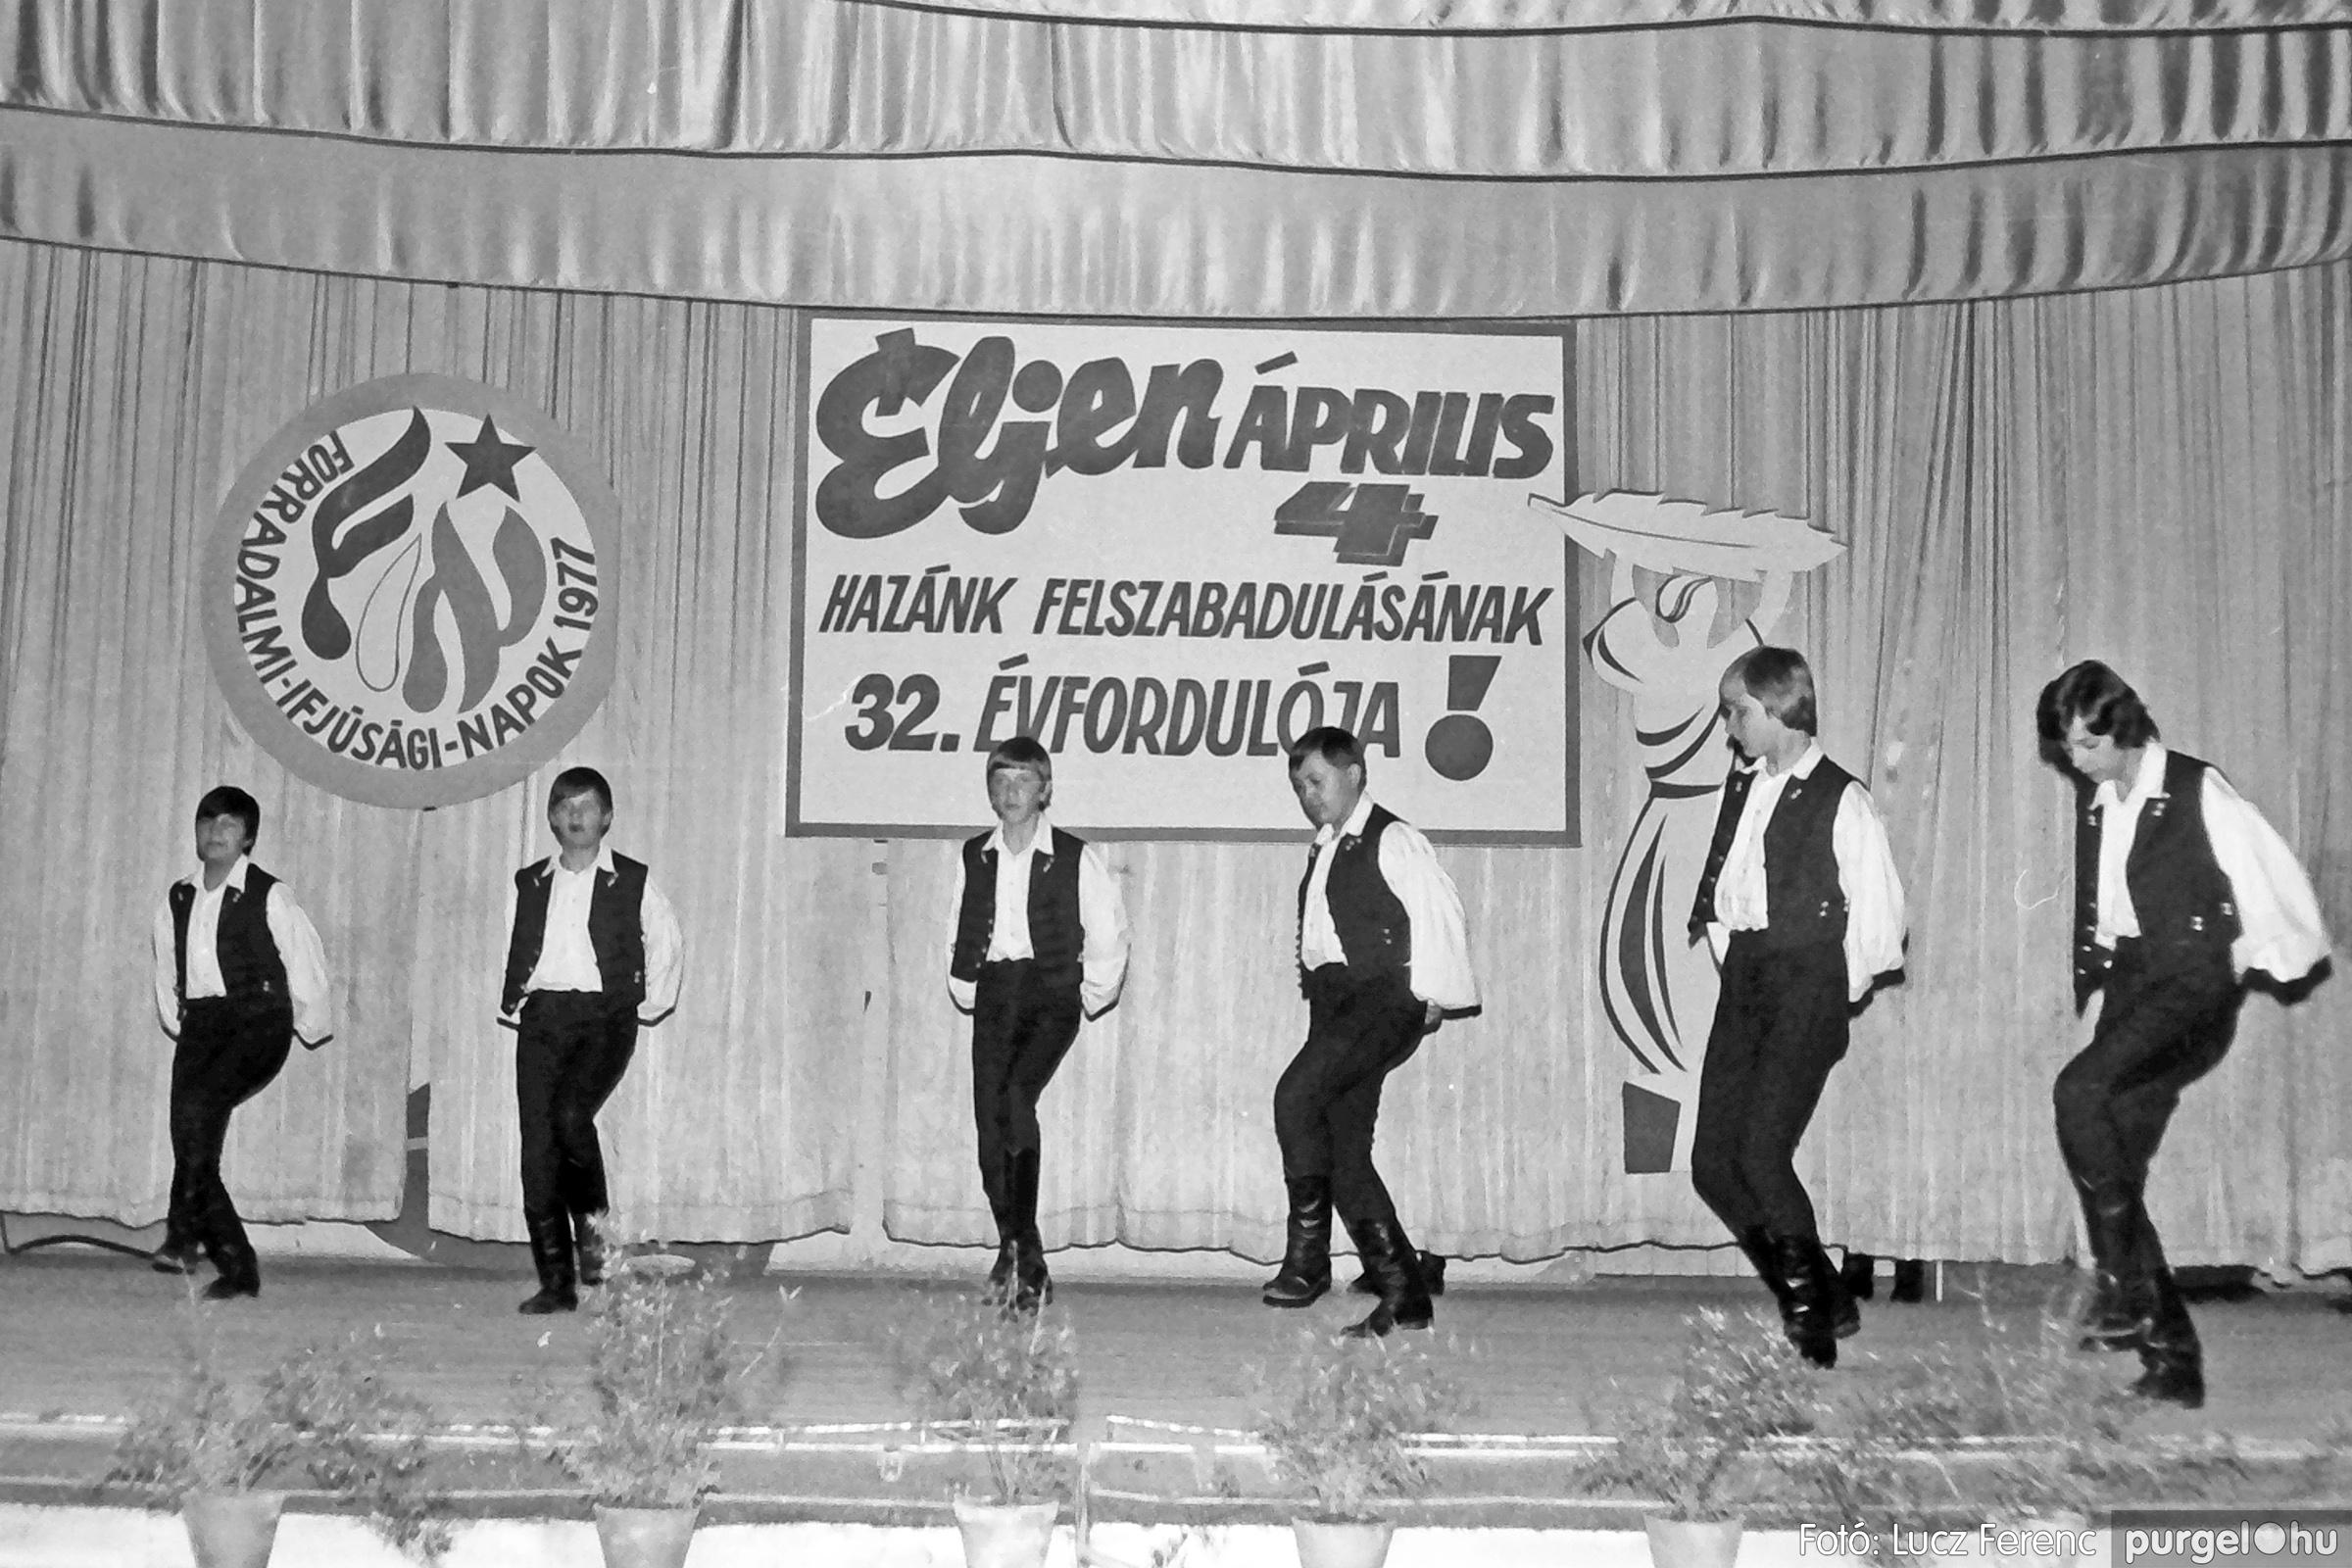 078. 1977.04.04. Április 4-i ünnepség 044. - Fotó: Lucz Ferenc.jpg